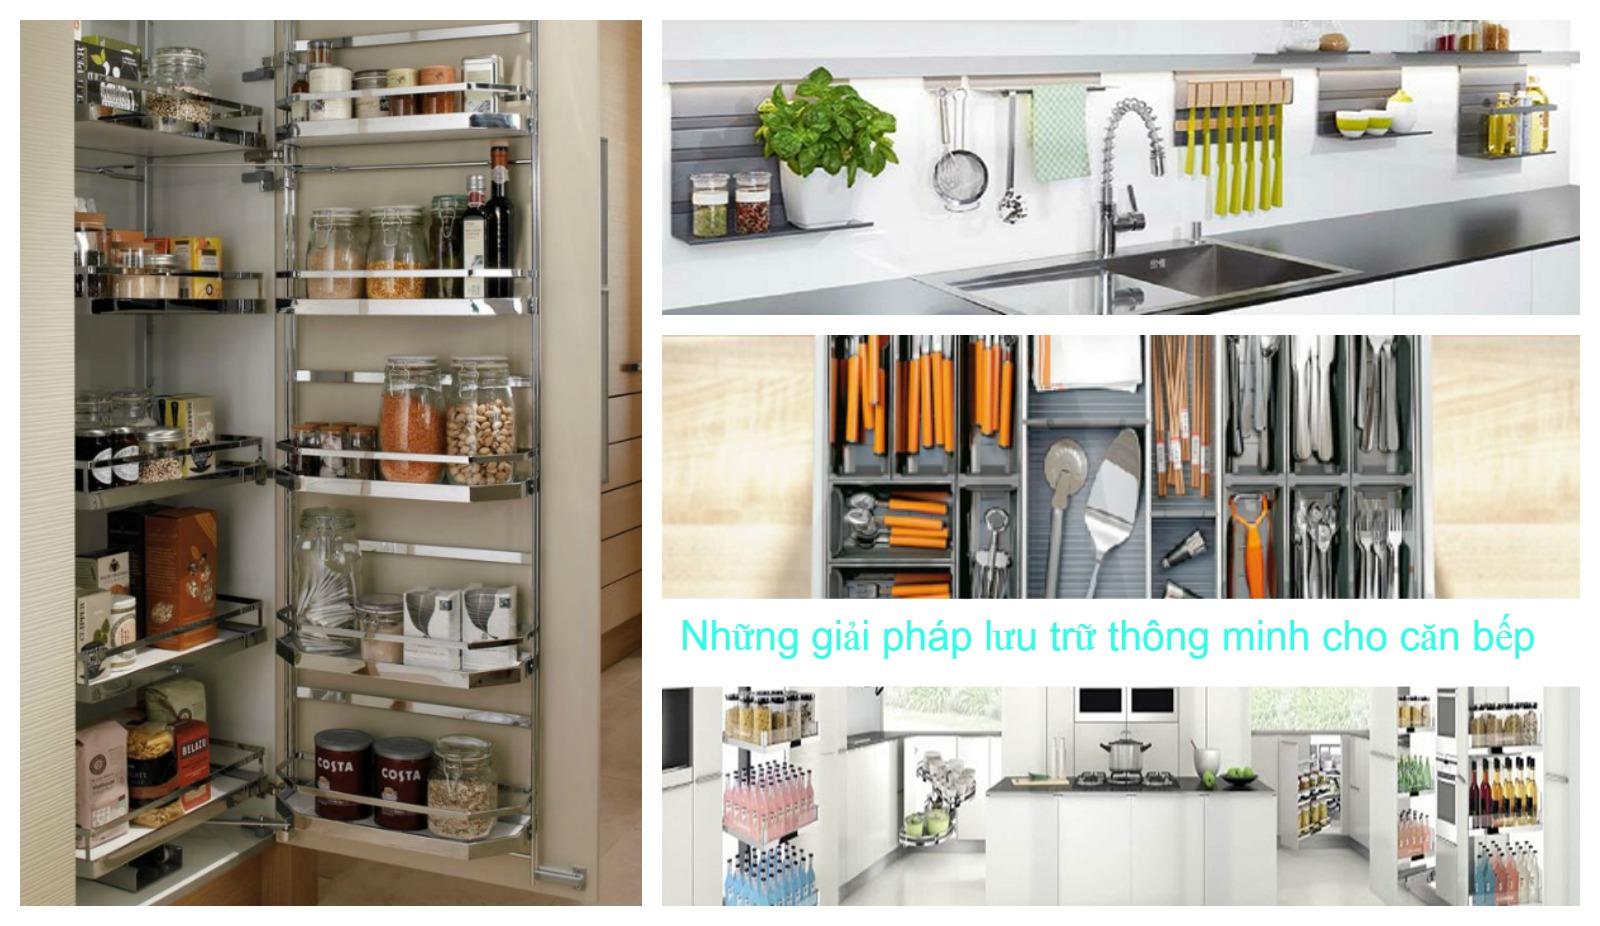 Phụ kiện tủ bếp thông minh cao cấp Luxury – Tiêu chuẩn Đức